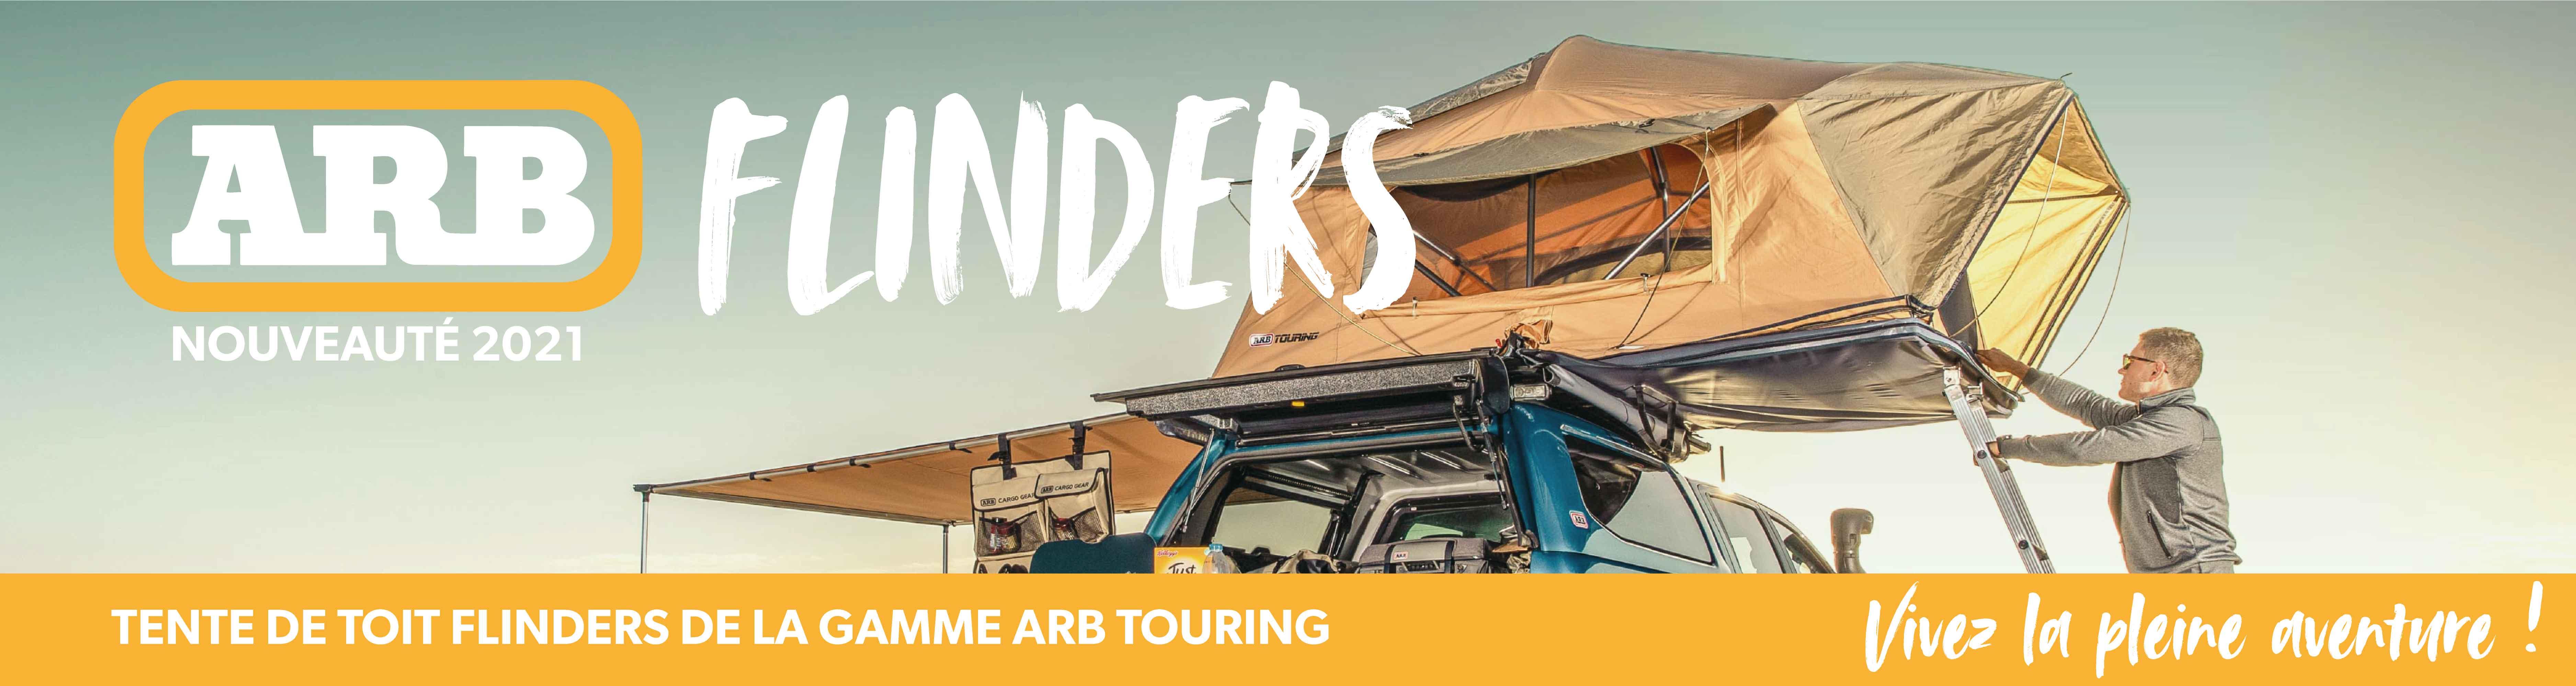 tente-de-toit-arb-flinders-arb-touring-rooftent-2021